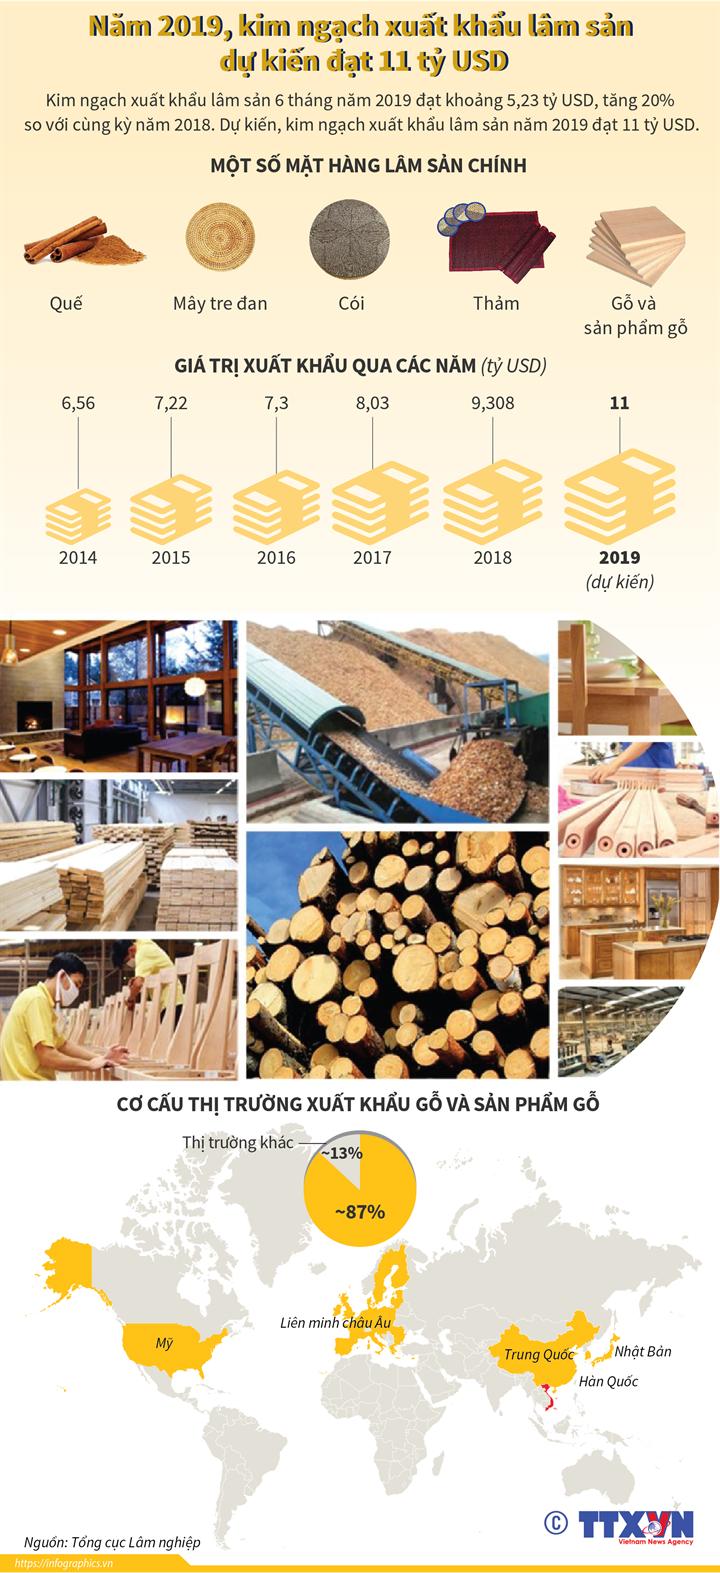 Năm 2019, kim ngạch xuất khẩu lâm sản dự kiến đạt 11 tỷ USD